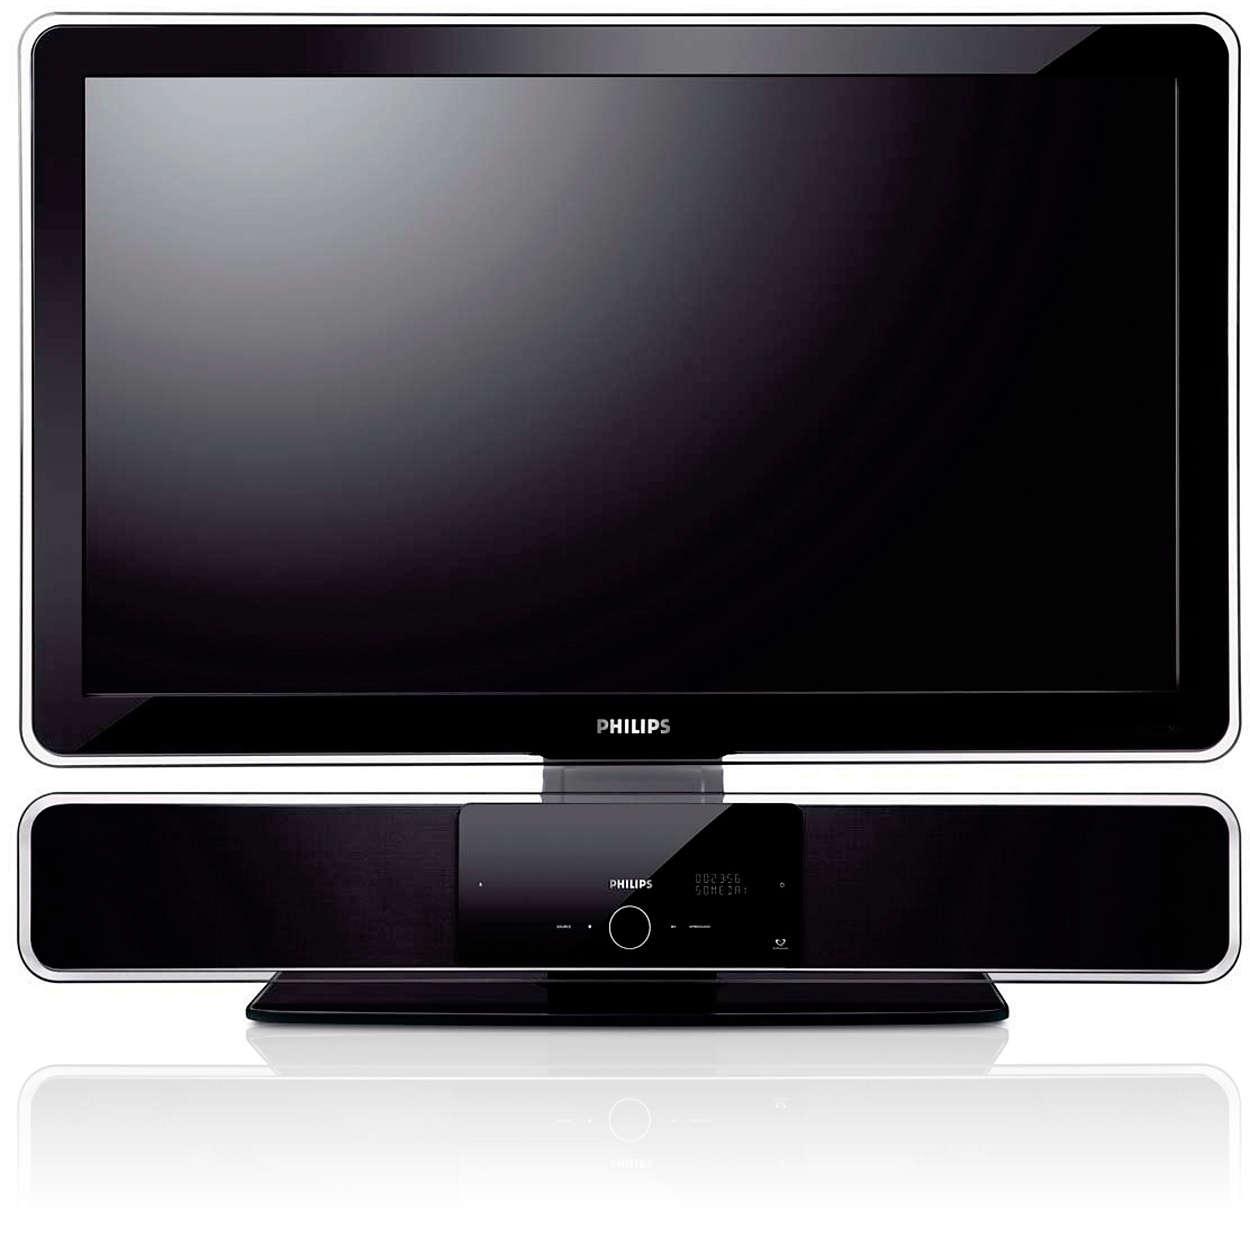 Speziell für Ihr SoundBar-System und Ihren Flachbildfernseher